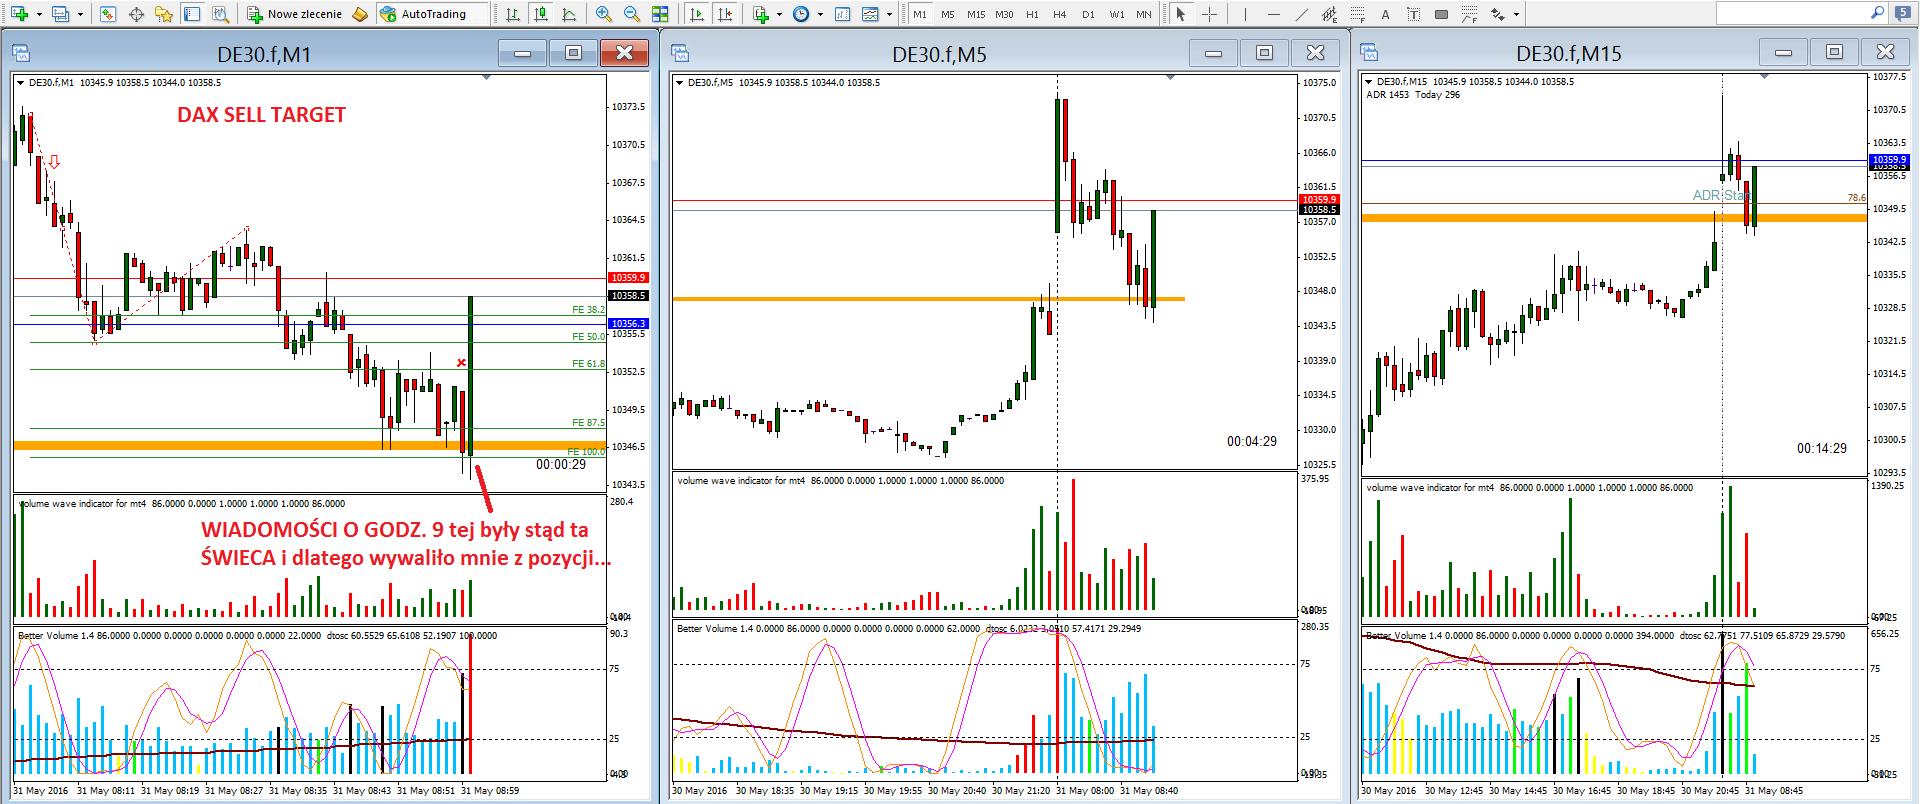 8-renko-scalping na renko-forex-skuteczna strategia-myforex-trader-trading-waluty-dax-prosta strategia tradingowa-broker-sukces-wolumen-vsa-świece japońskie-trading